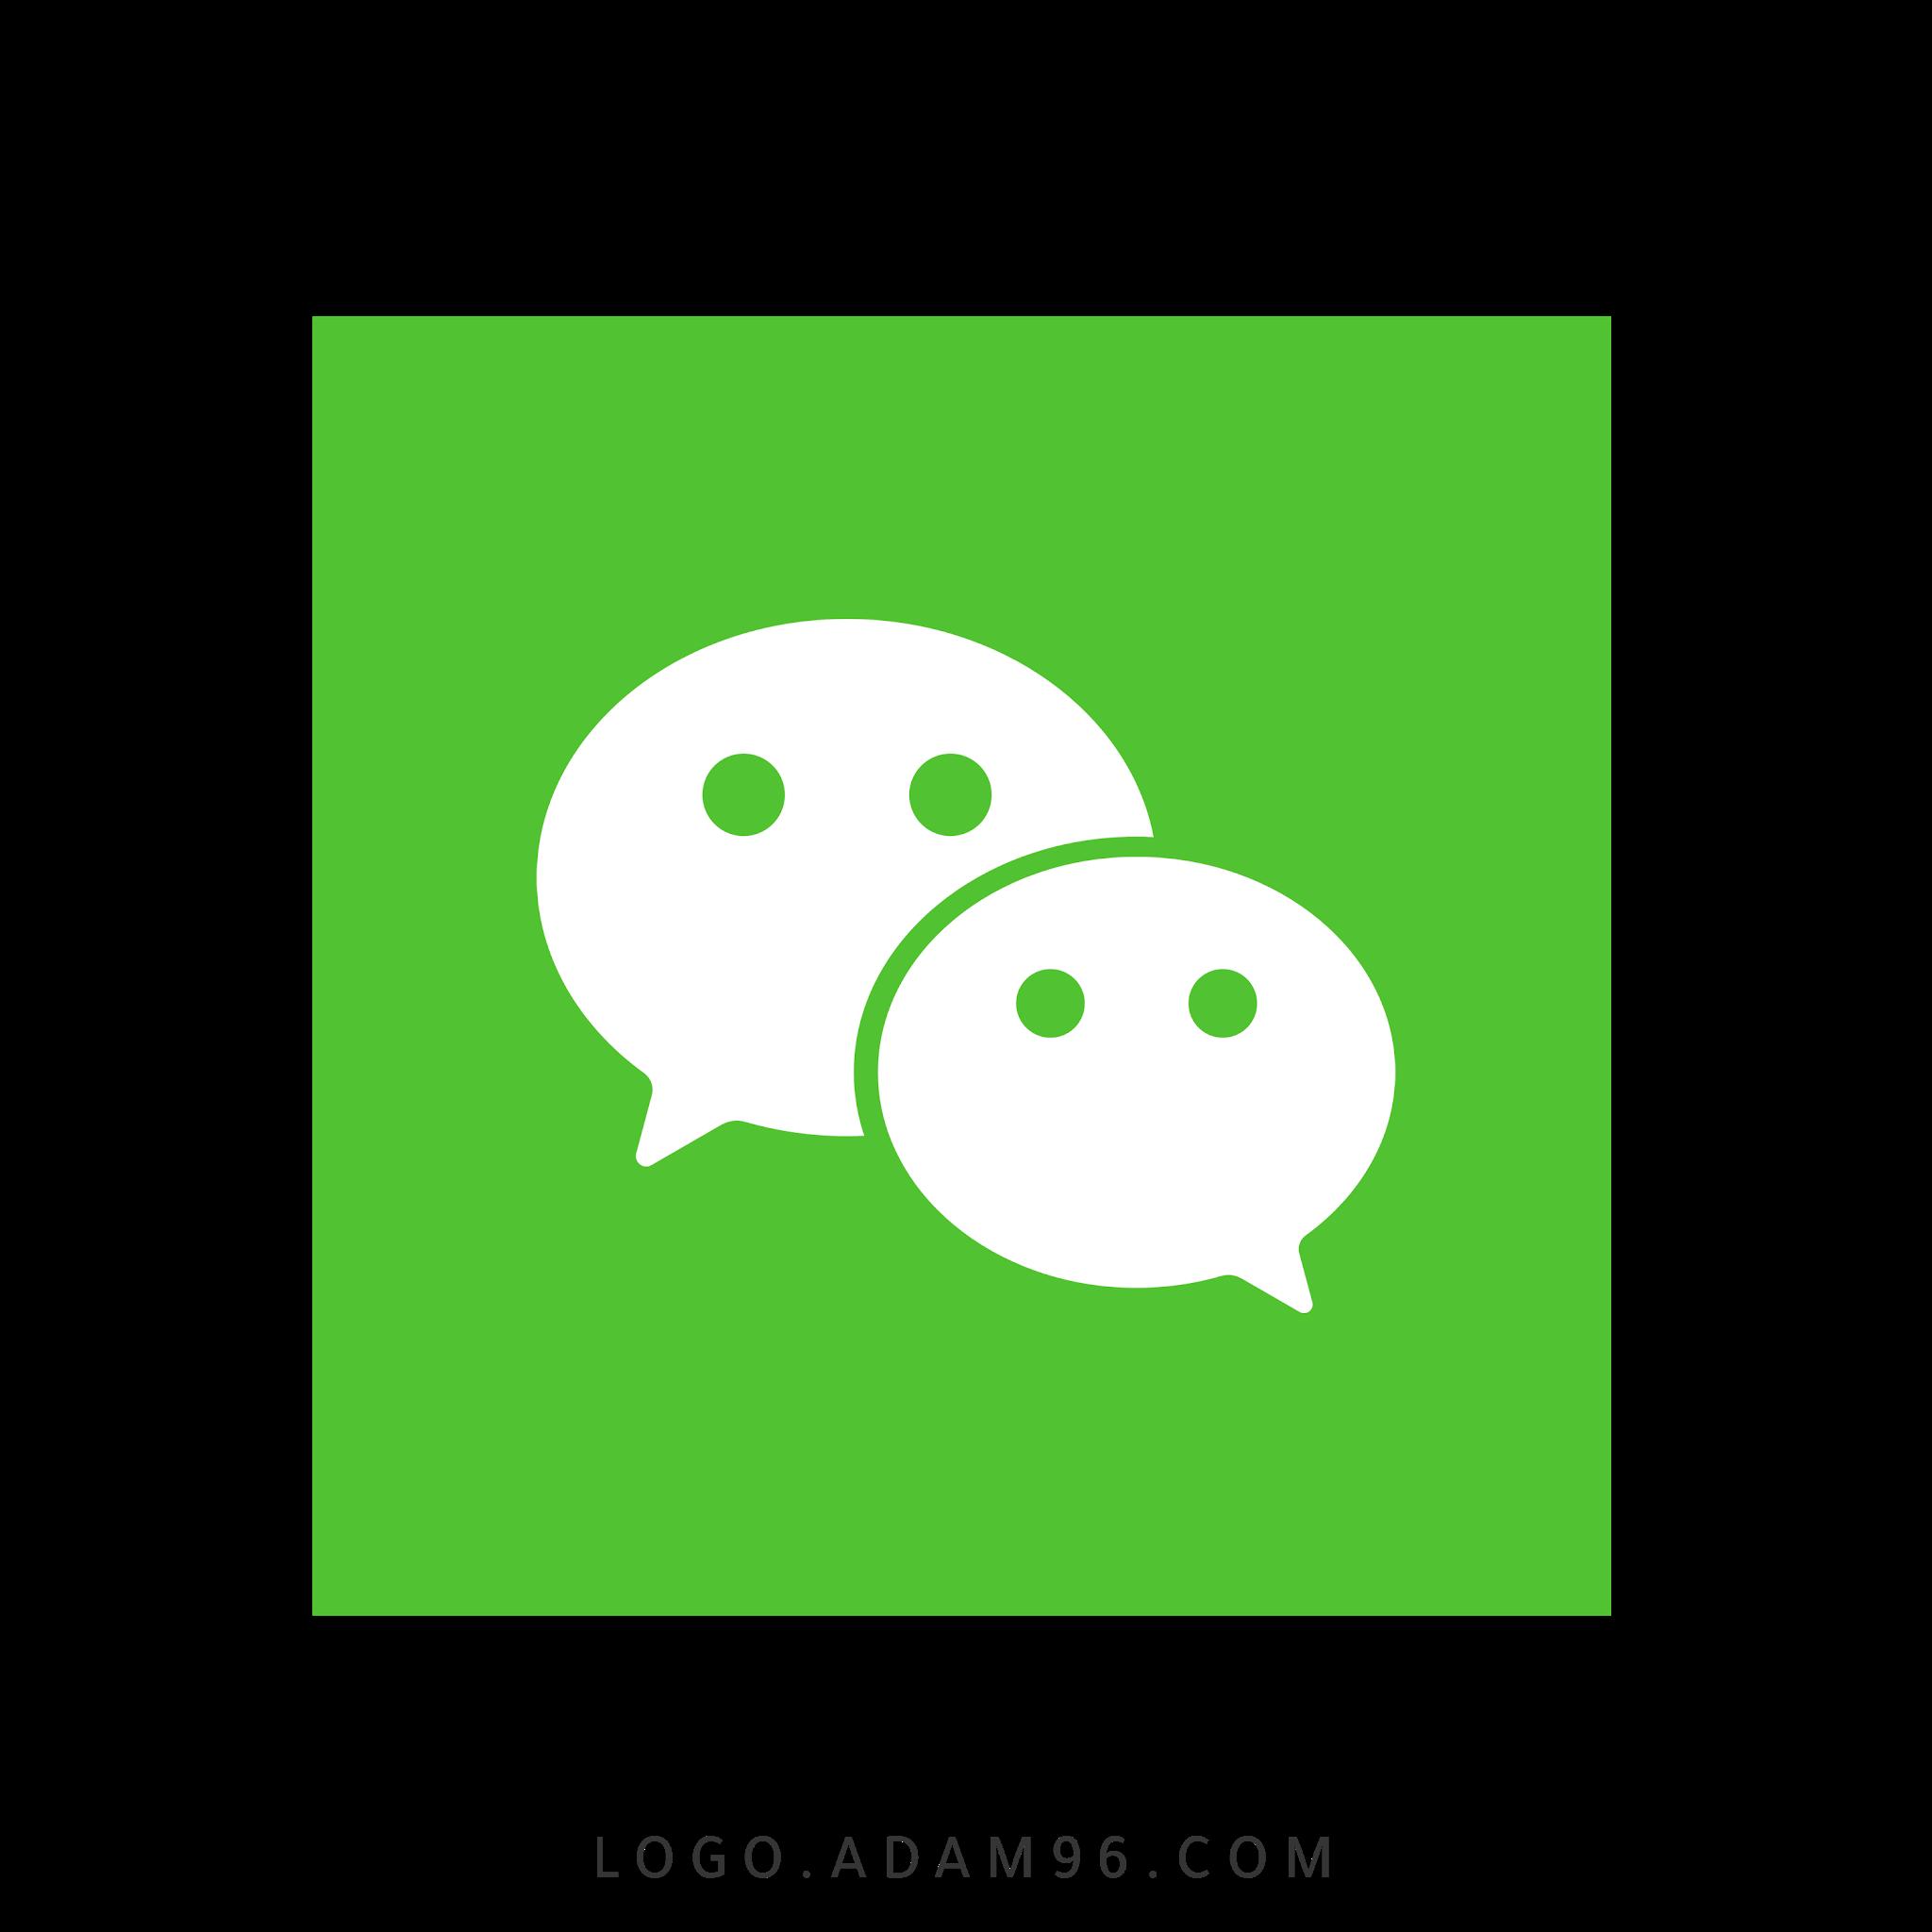 تحميل شعار وي تشات الرسمي لوجو مربع بصيغة شفافة Logo Wechat PNG